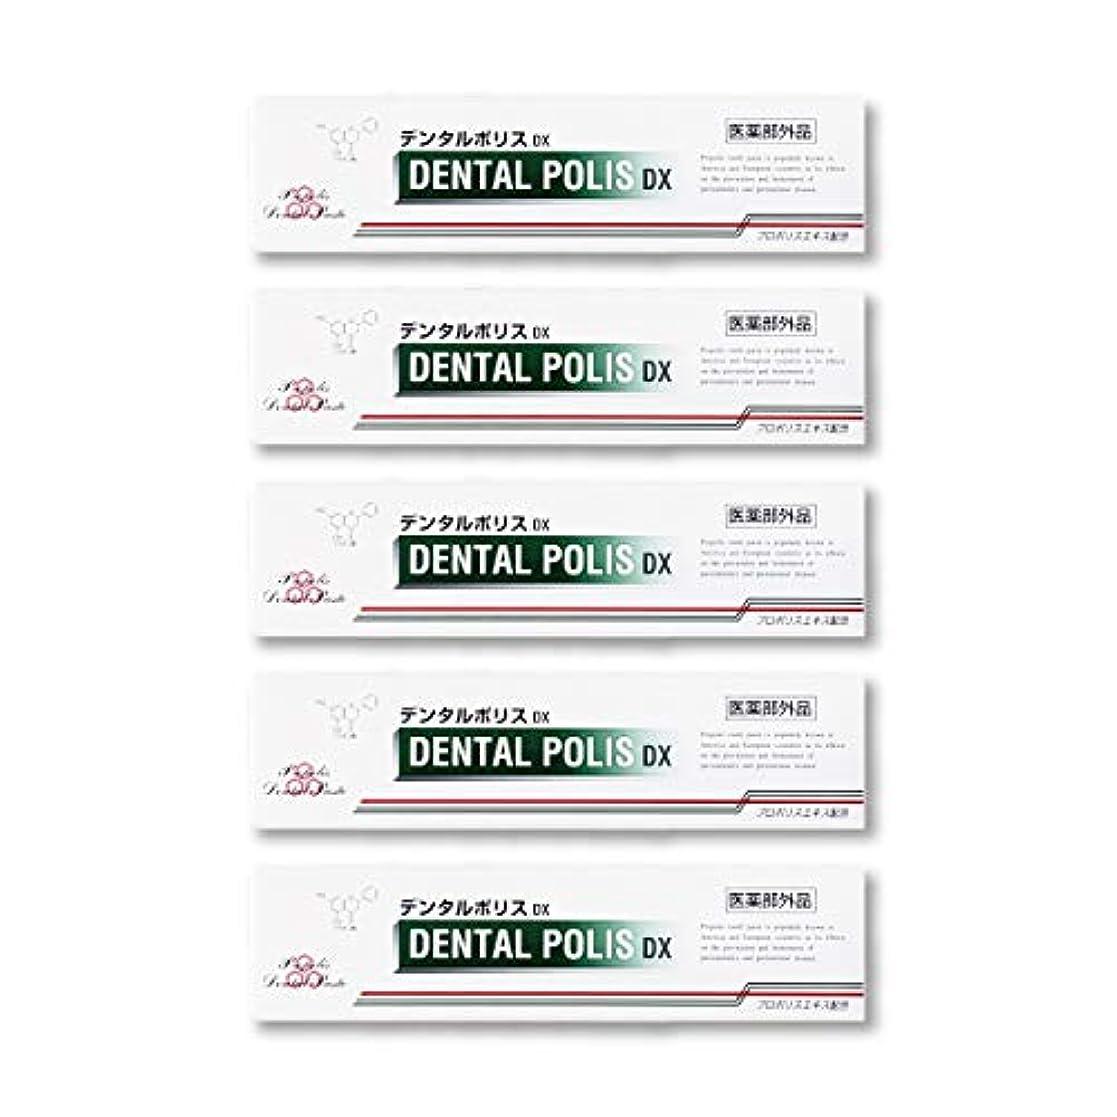 不忠邪悪な相反するデンタルポリスDX  80g   5本セット 医薬部外品  歯みがき